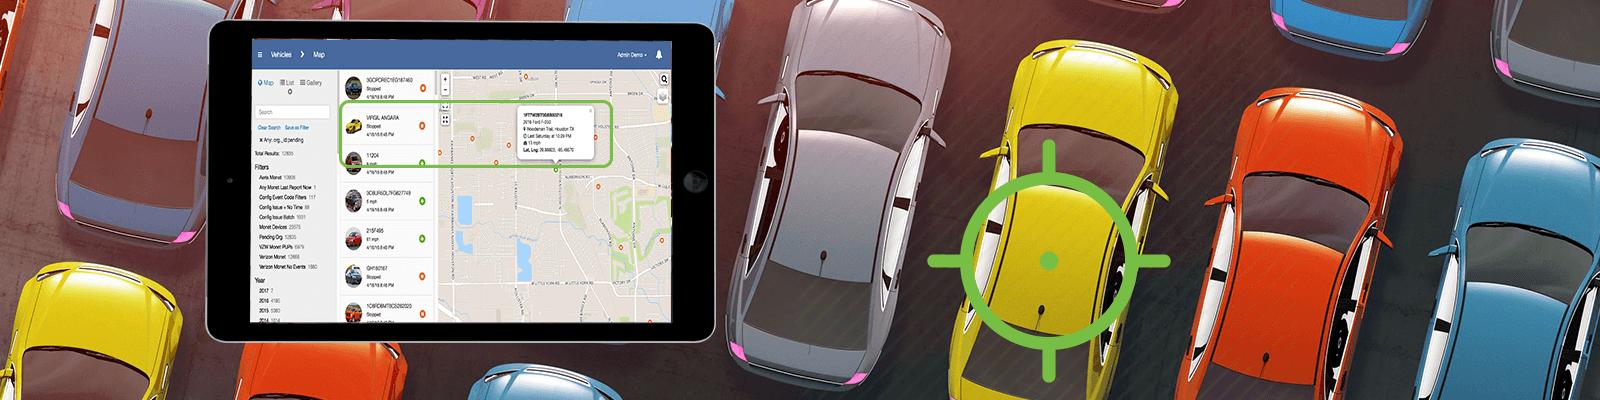 GPS Dealer Lot Management Feature - CDS